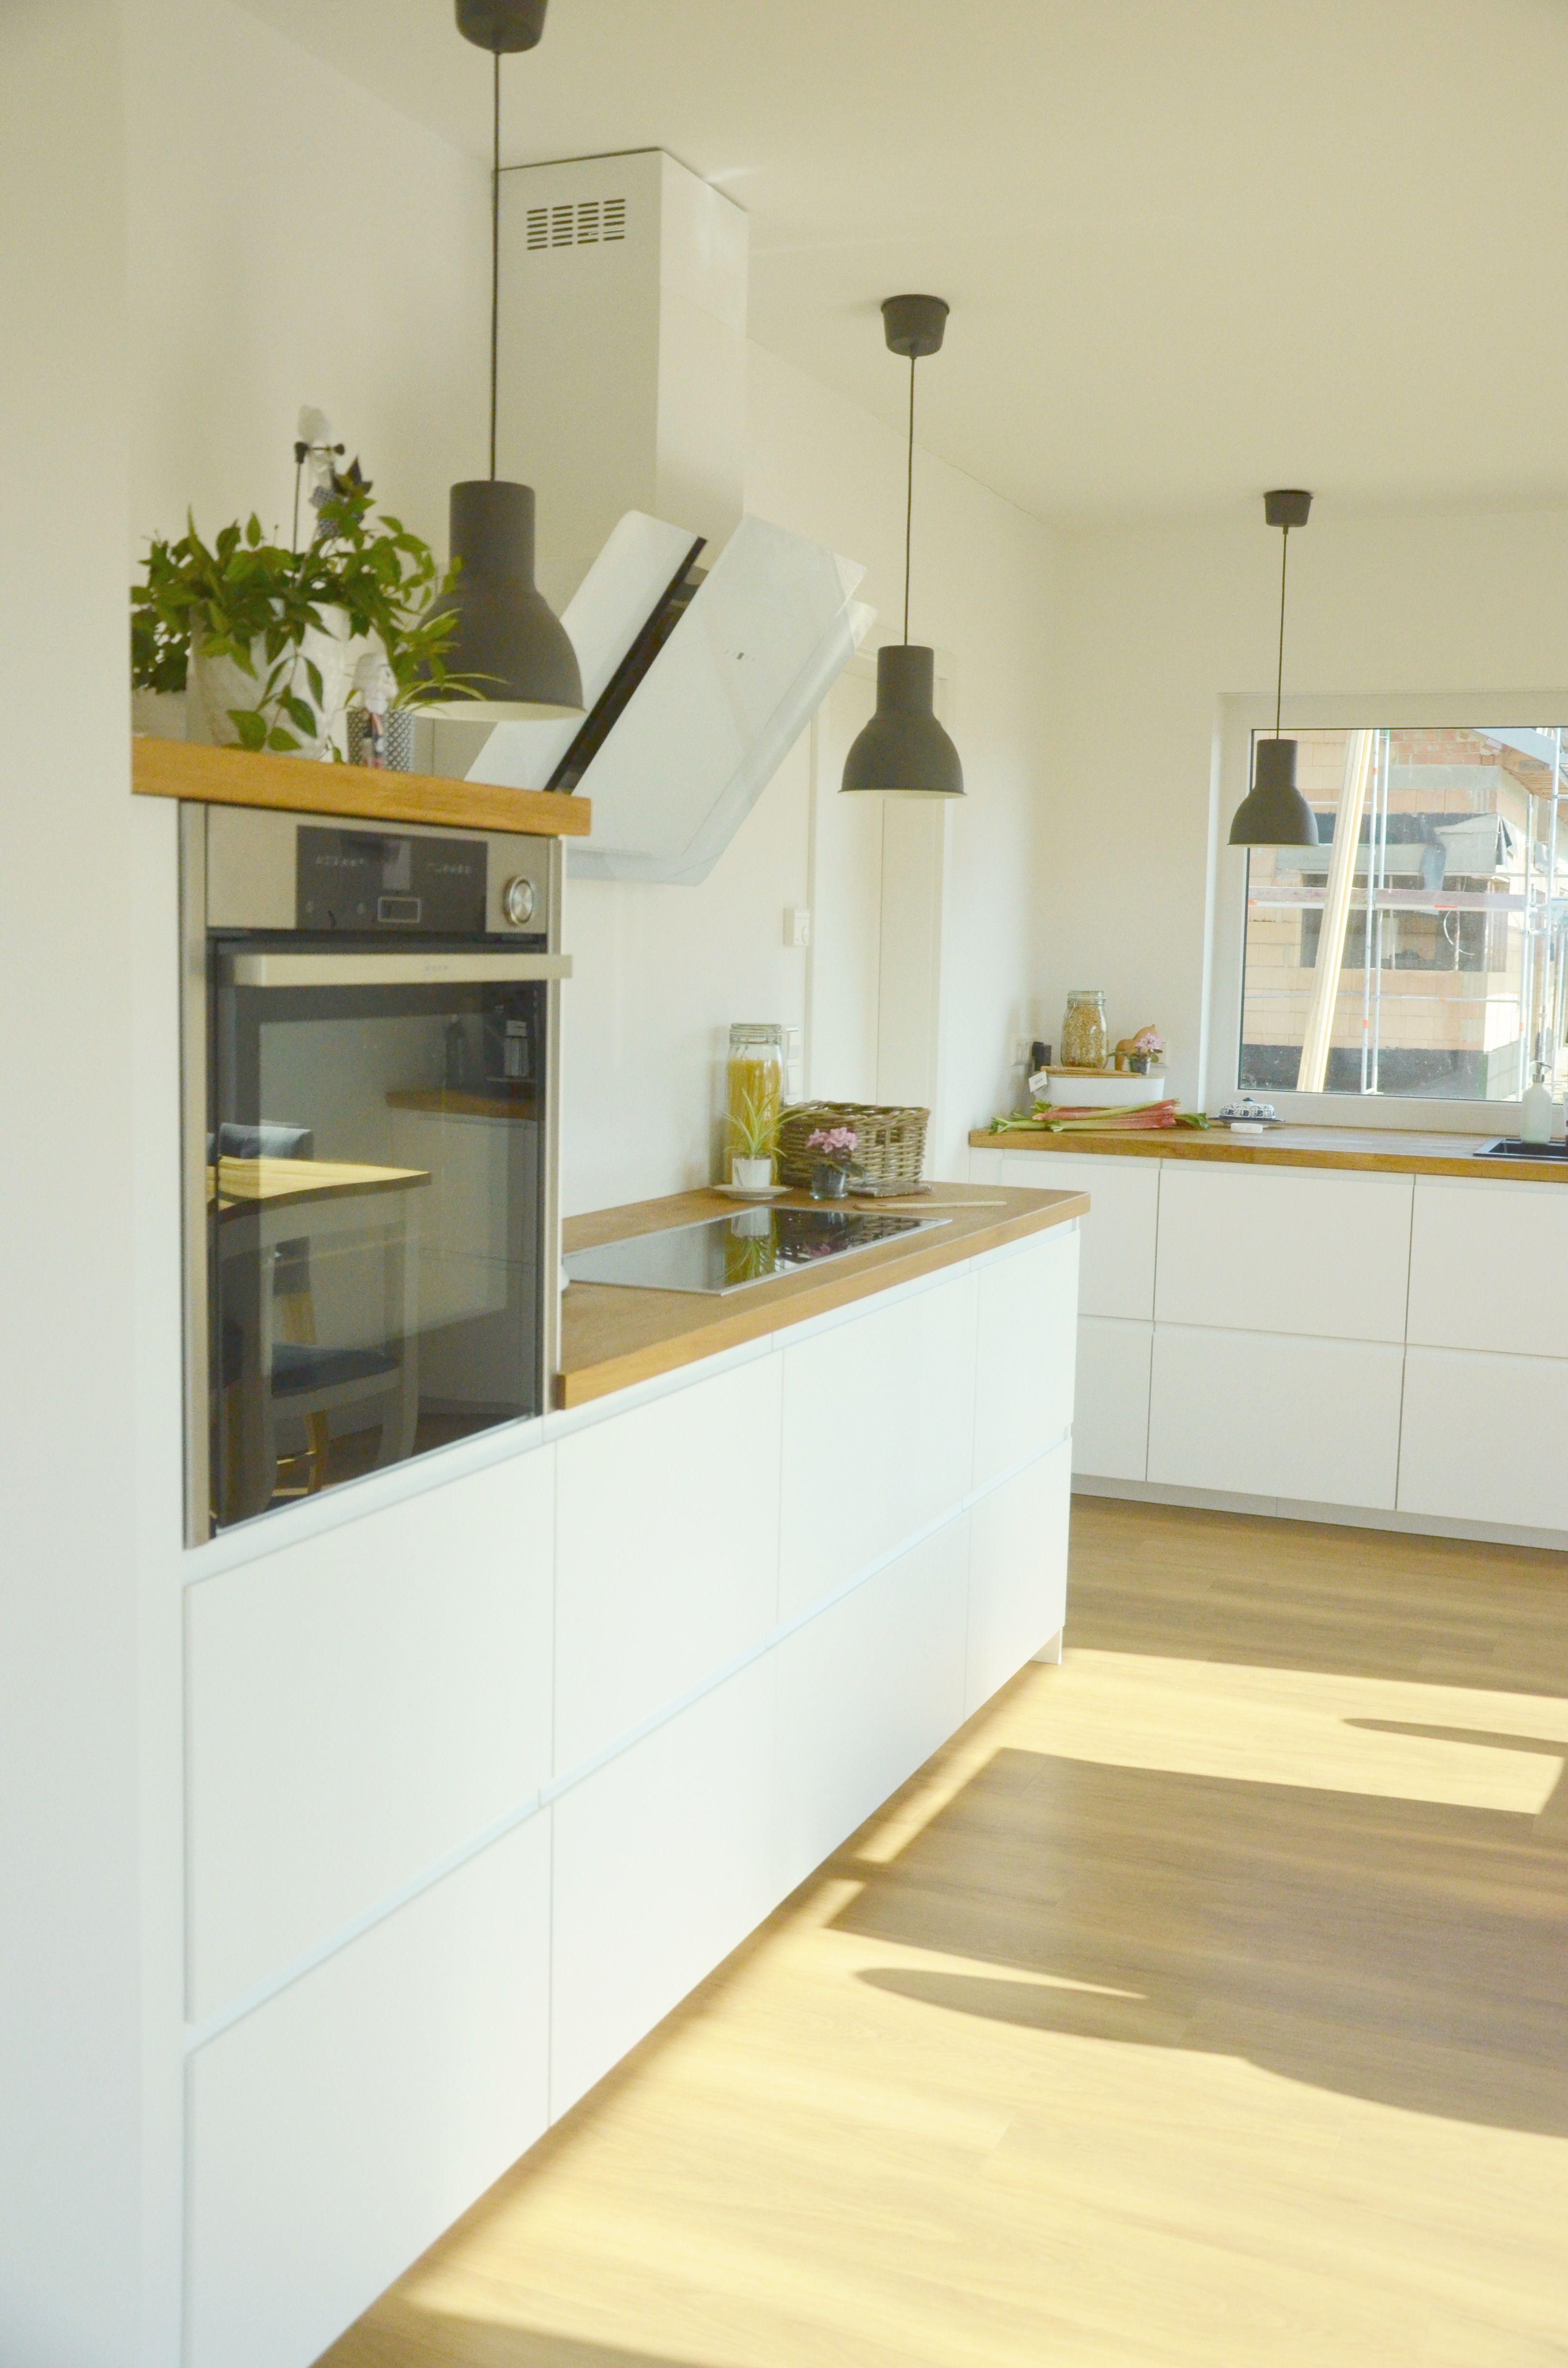 einfache schicke k che interieur pinterest schick k che und wohnen. Black Bedroom Furniture Sets. Home Design Ideas